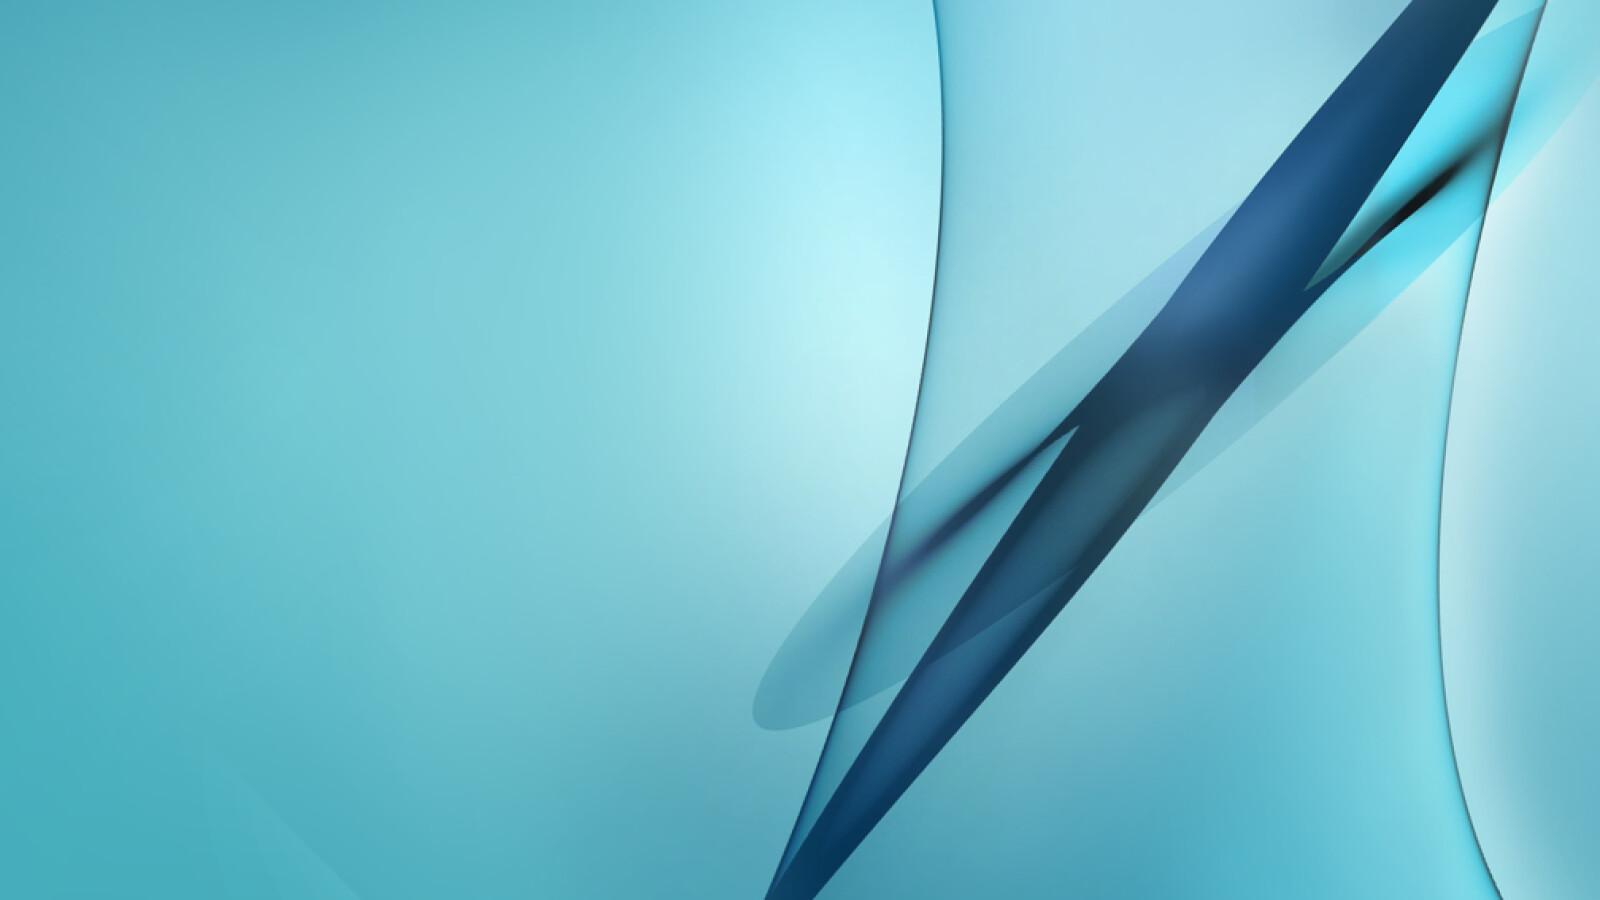 Galaxy S7 Edge Wallpaper Paket Schon Jetzt Downloaden Netzwelt